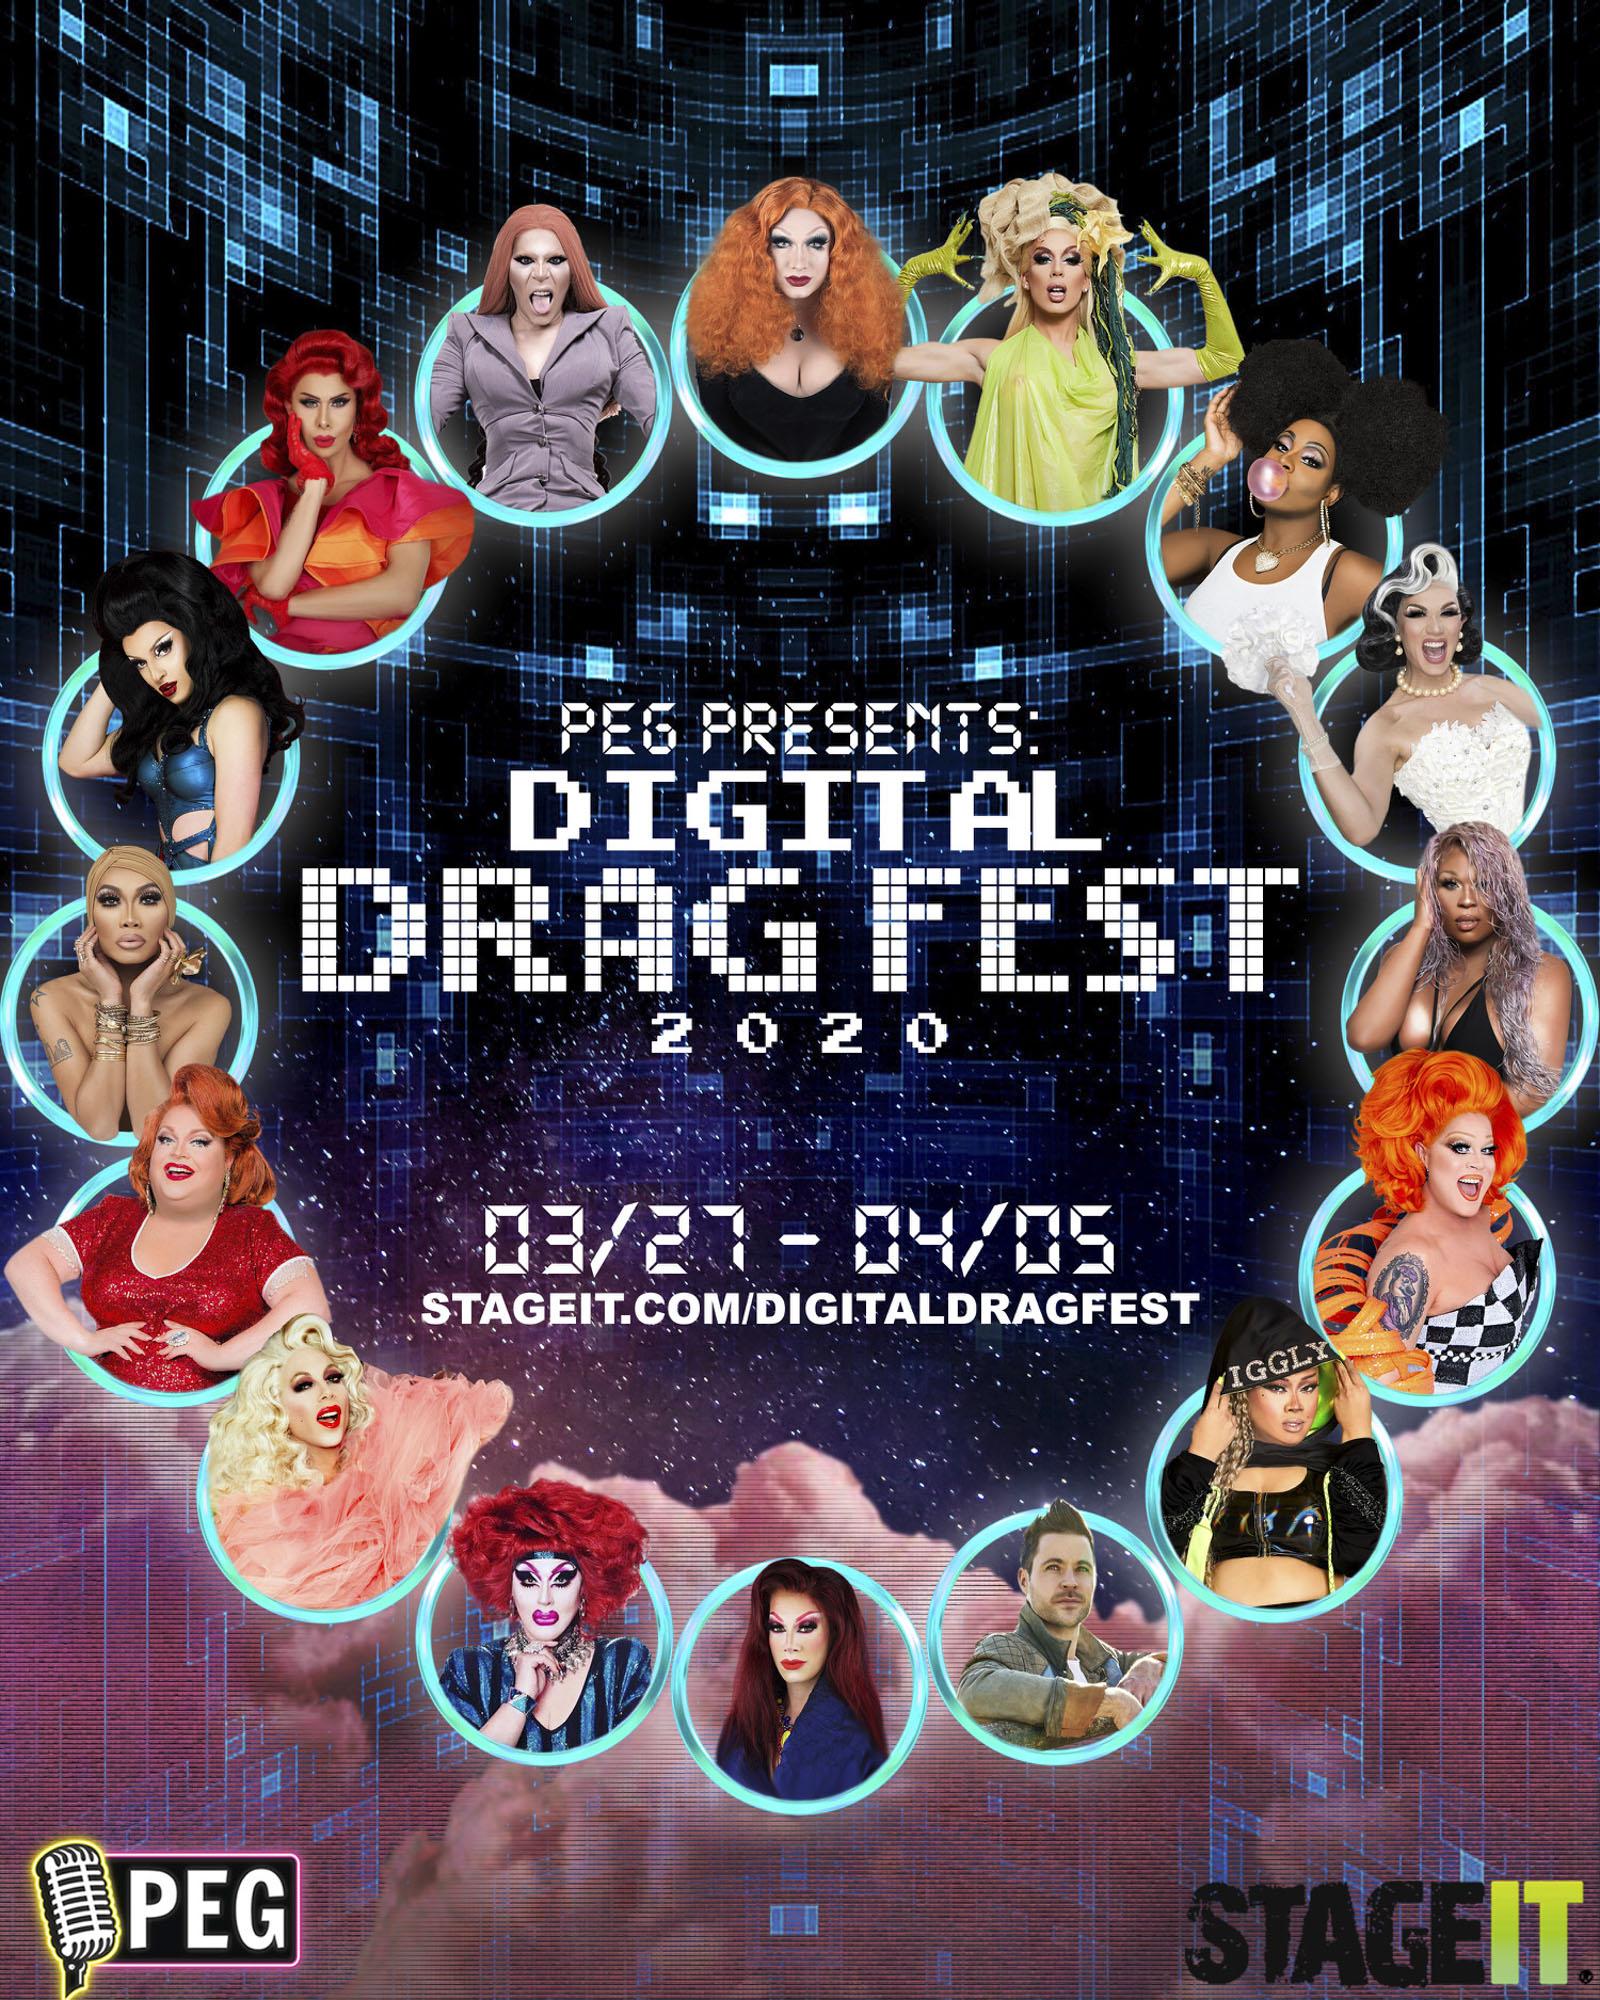 Digital Drag Festival